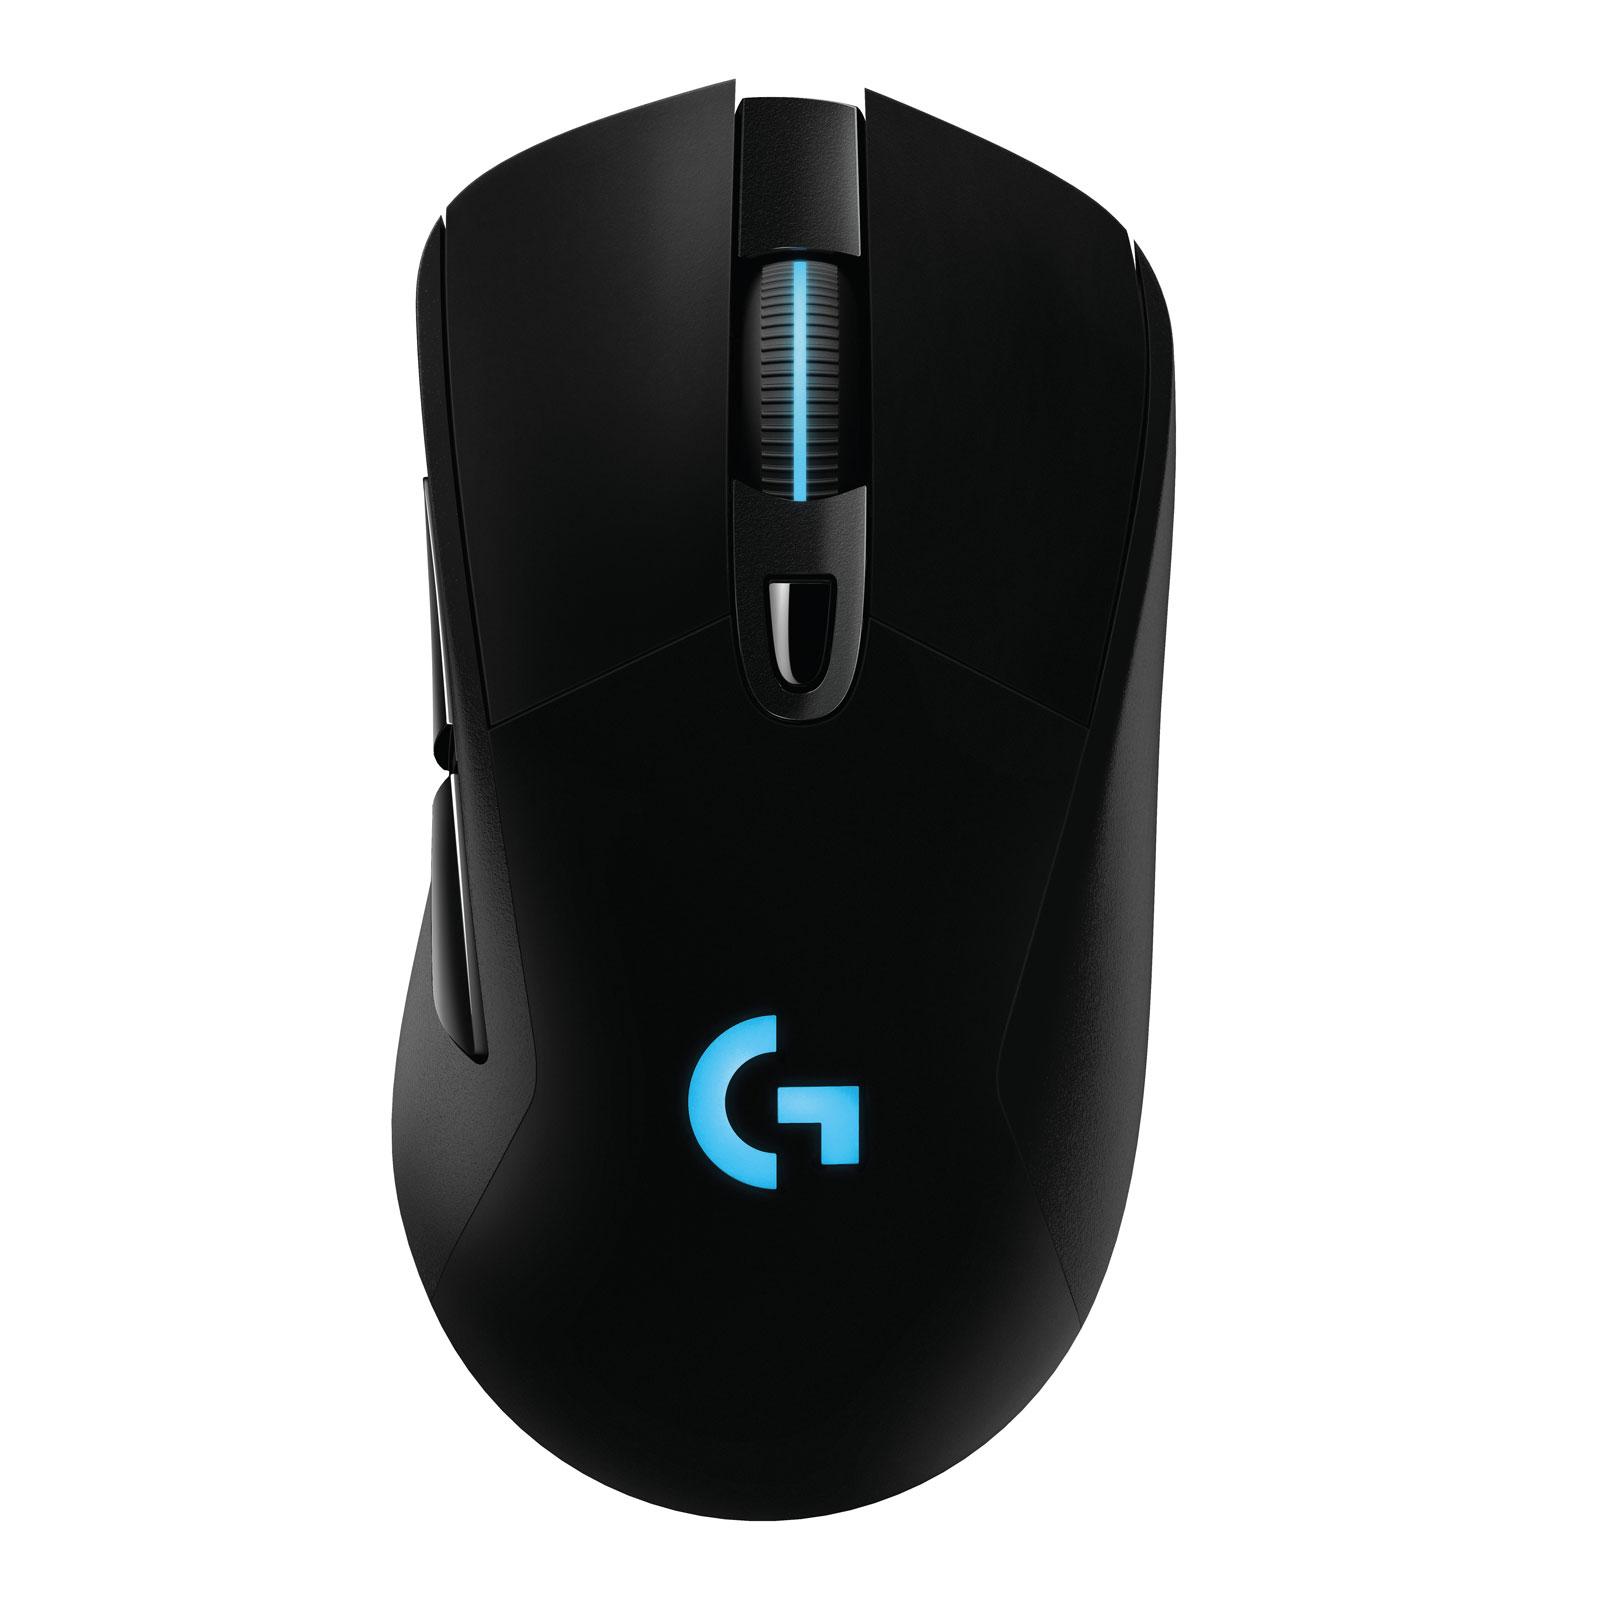 Souris PC Logitech G703 Lightspeed Wireless Gaming Mouse Souris avec ou sans fil pour gamer - droitier - capteur optique 12000 dpi - 6 boutons programmables - poids ajustable - compatible Powerplay - technologie Lightspeed